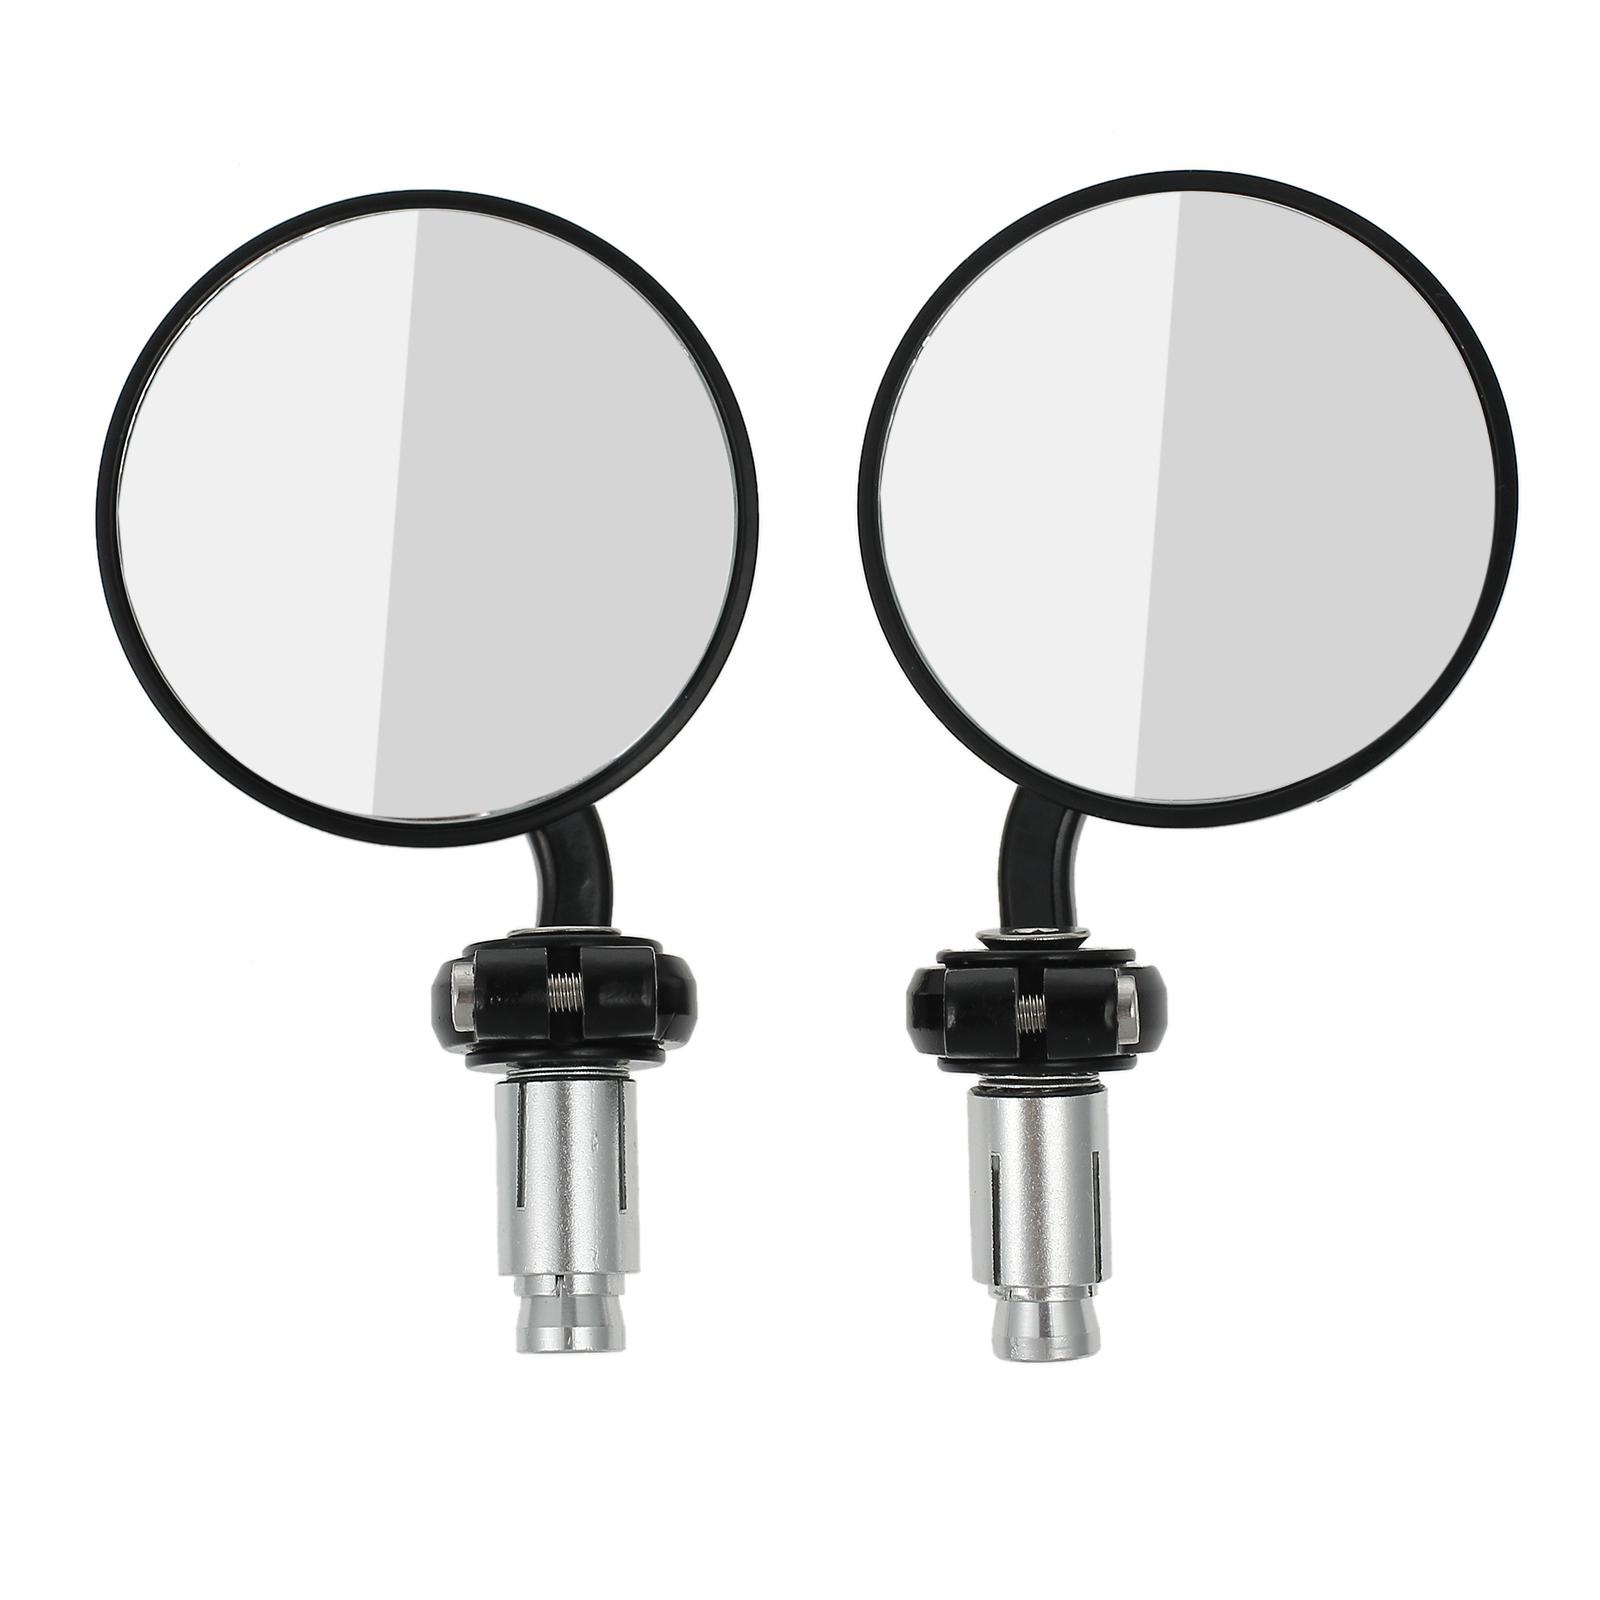 2stk motorrad r ckspiegel lenkerendenspiegel spiegel universal rund schwarz de 799493429947 ebay. Black Bedroom Furniture Sets. Home Design Ideas